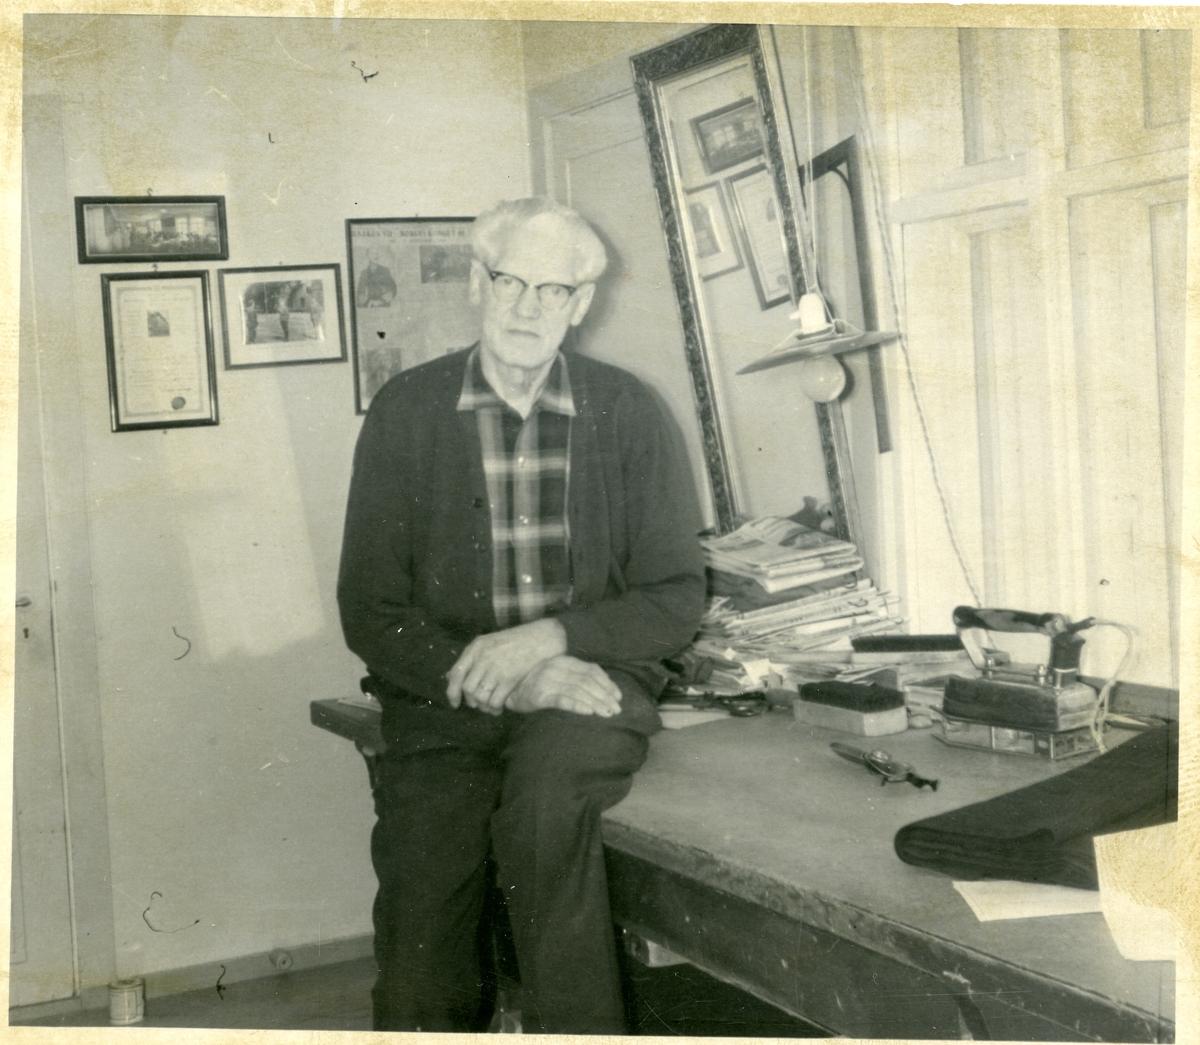 En mann sitter på et skrivebord. På veggen henger det bilder og et speil.